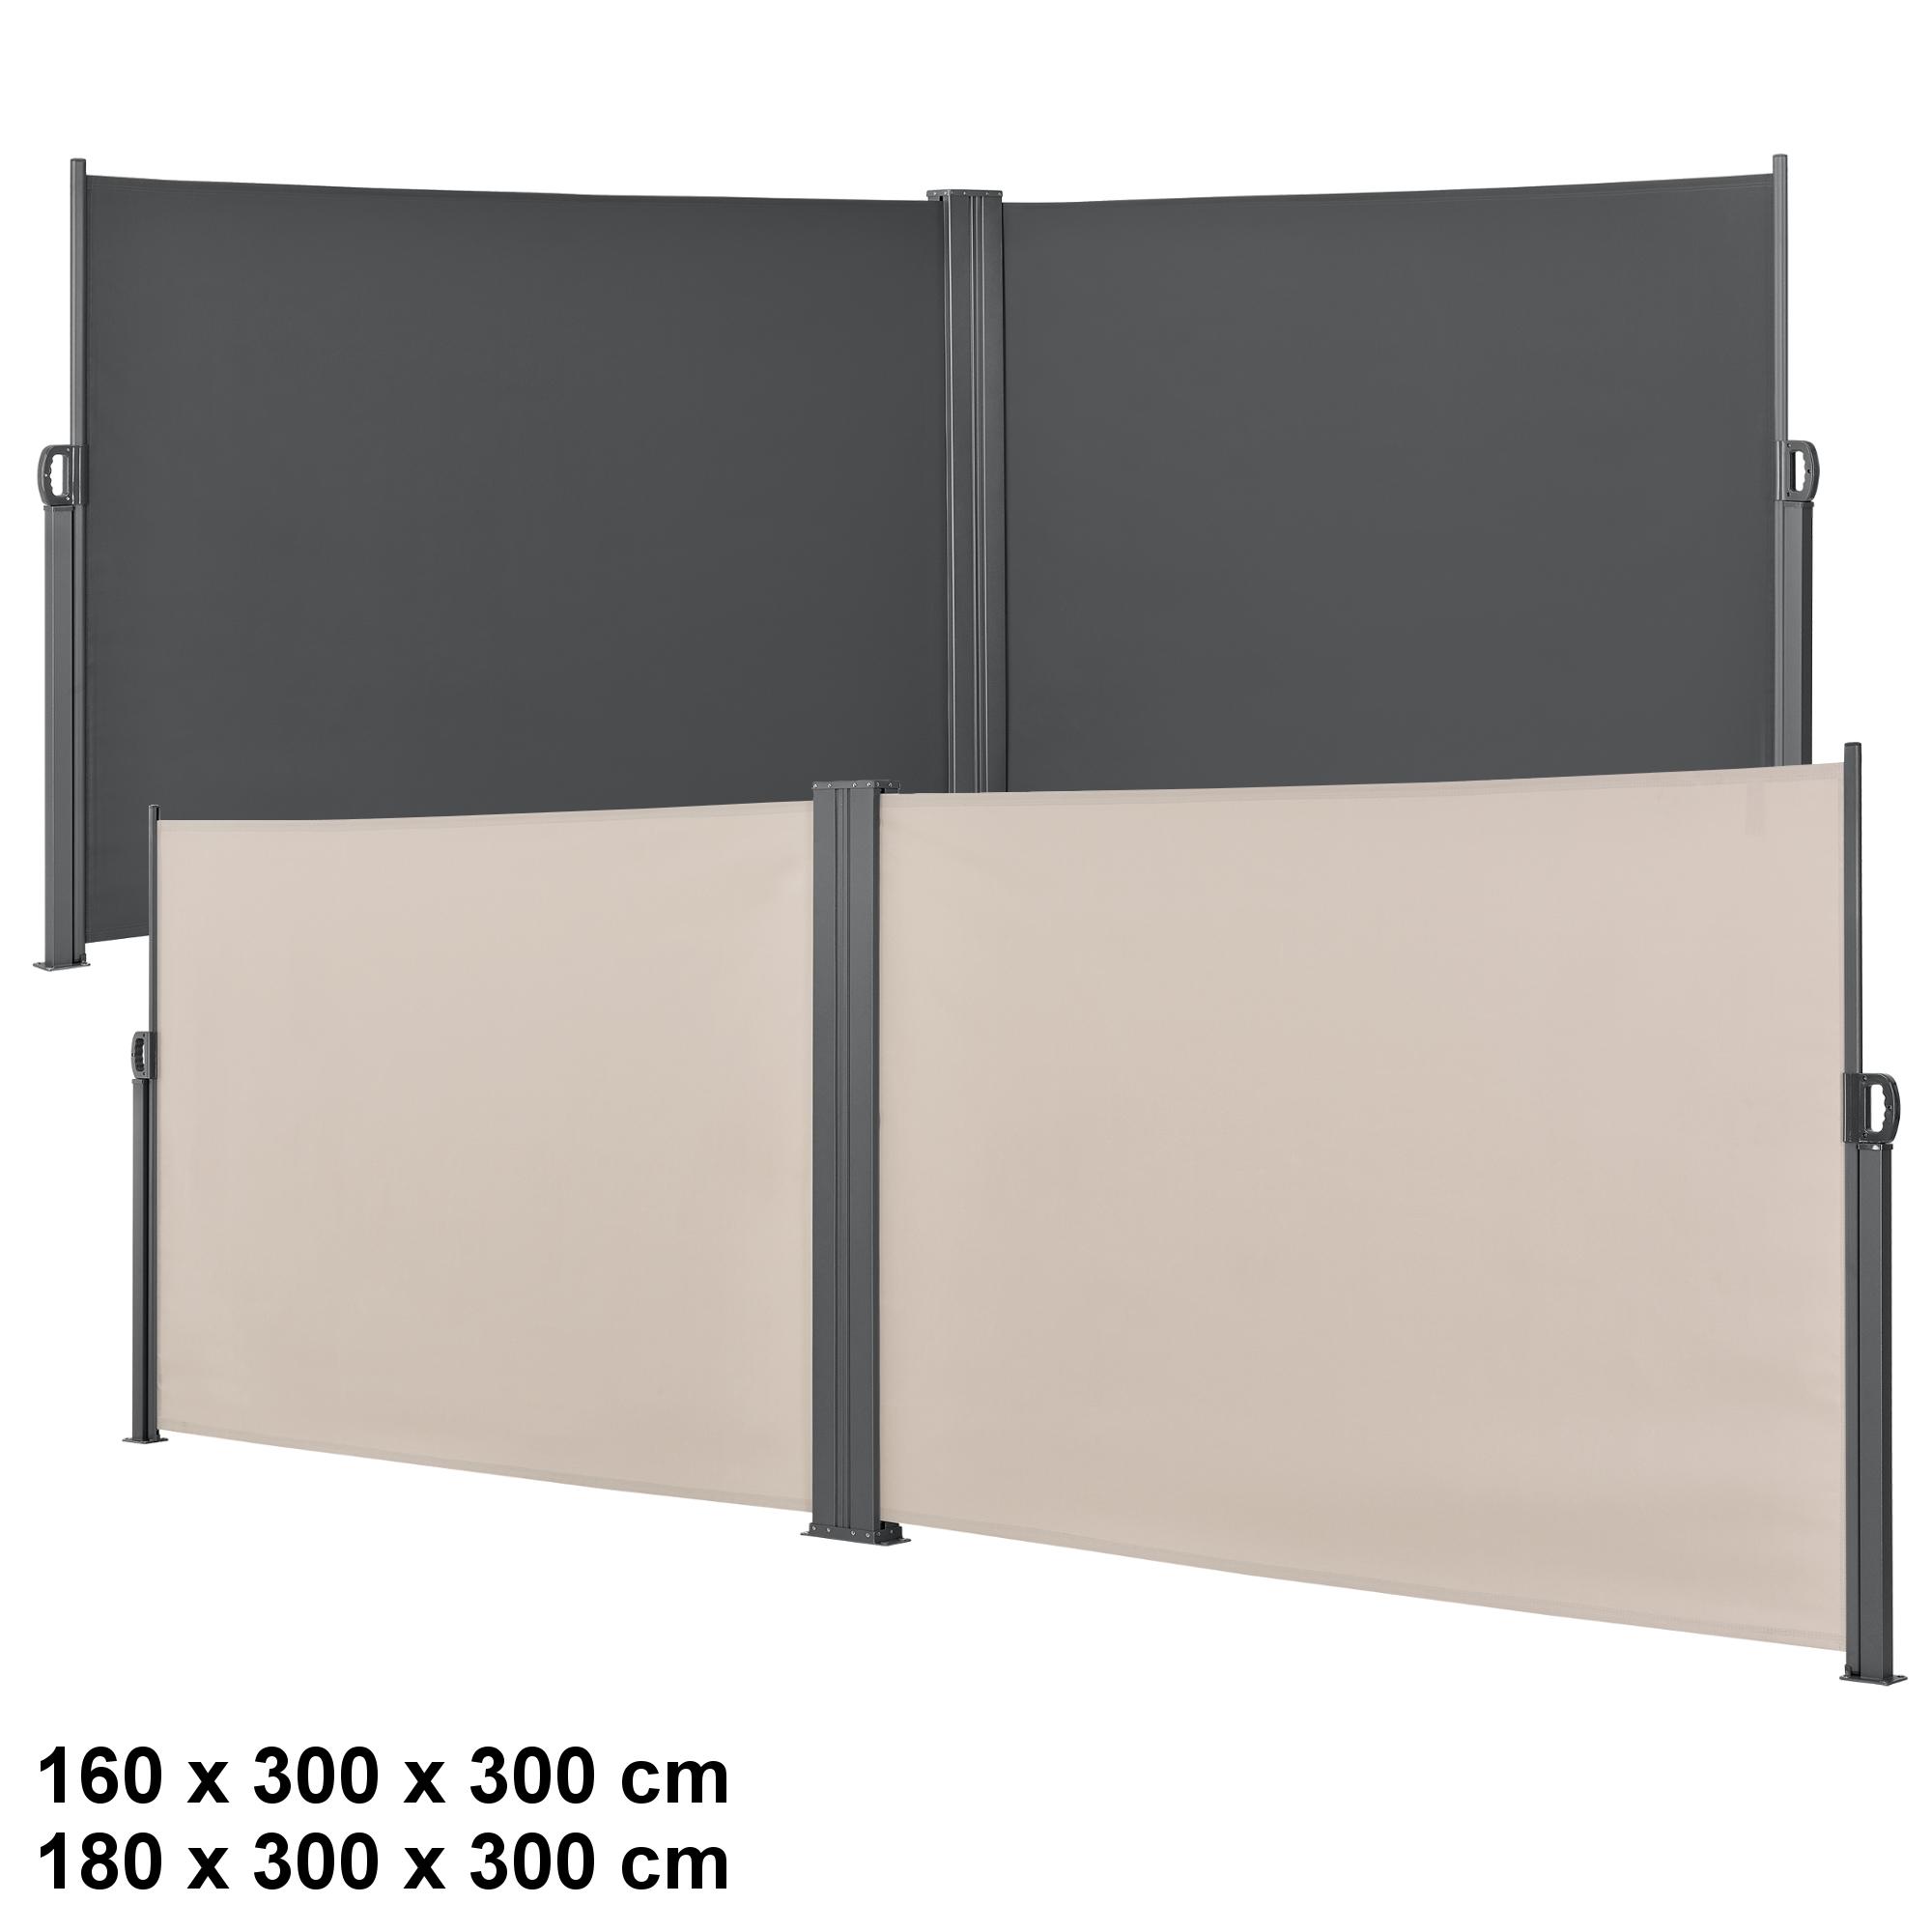 Doppel Seitenmarkise Sichtschutz 160 180x600 Seitenwand